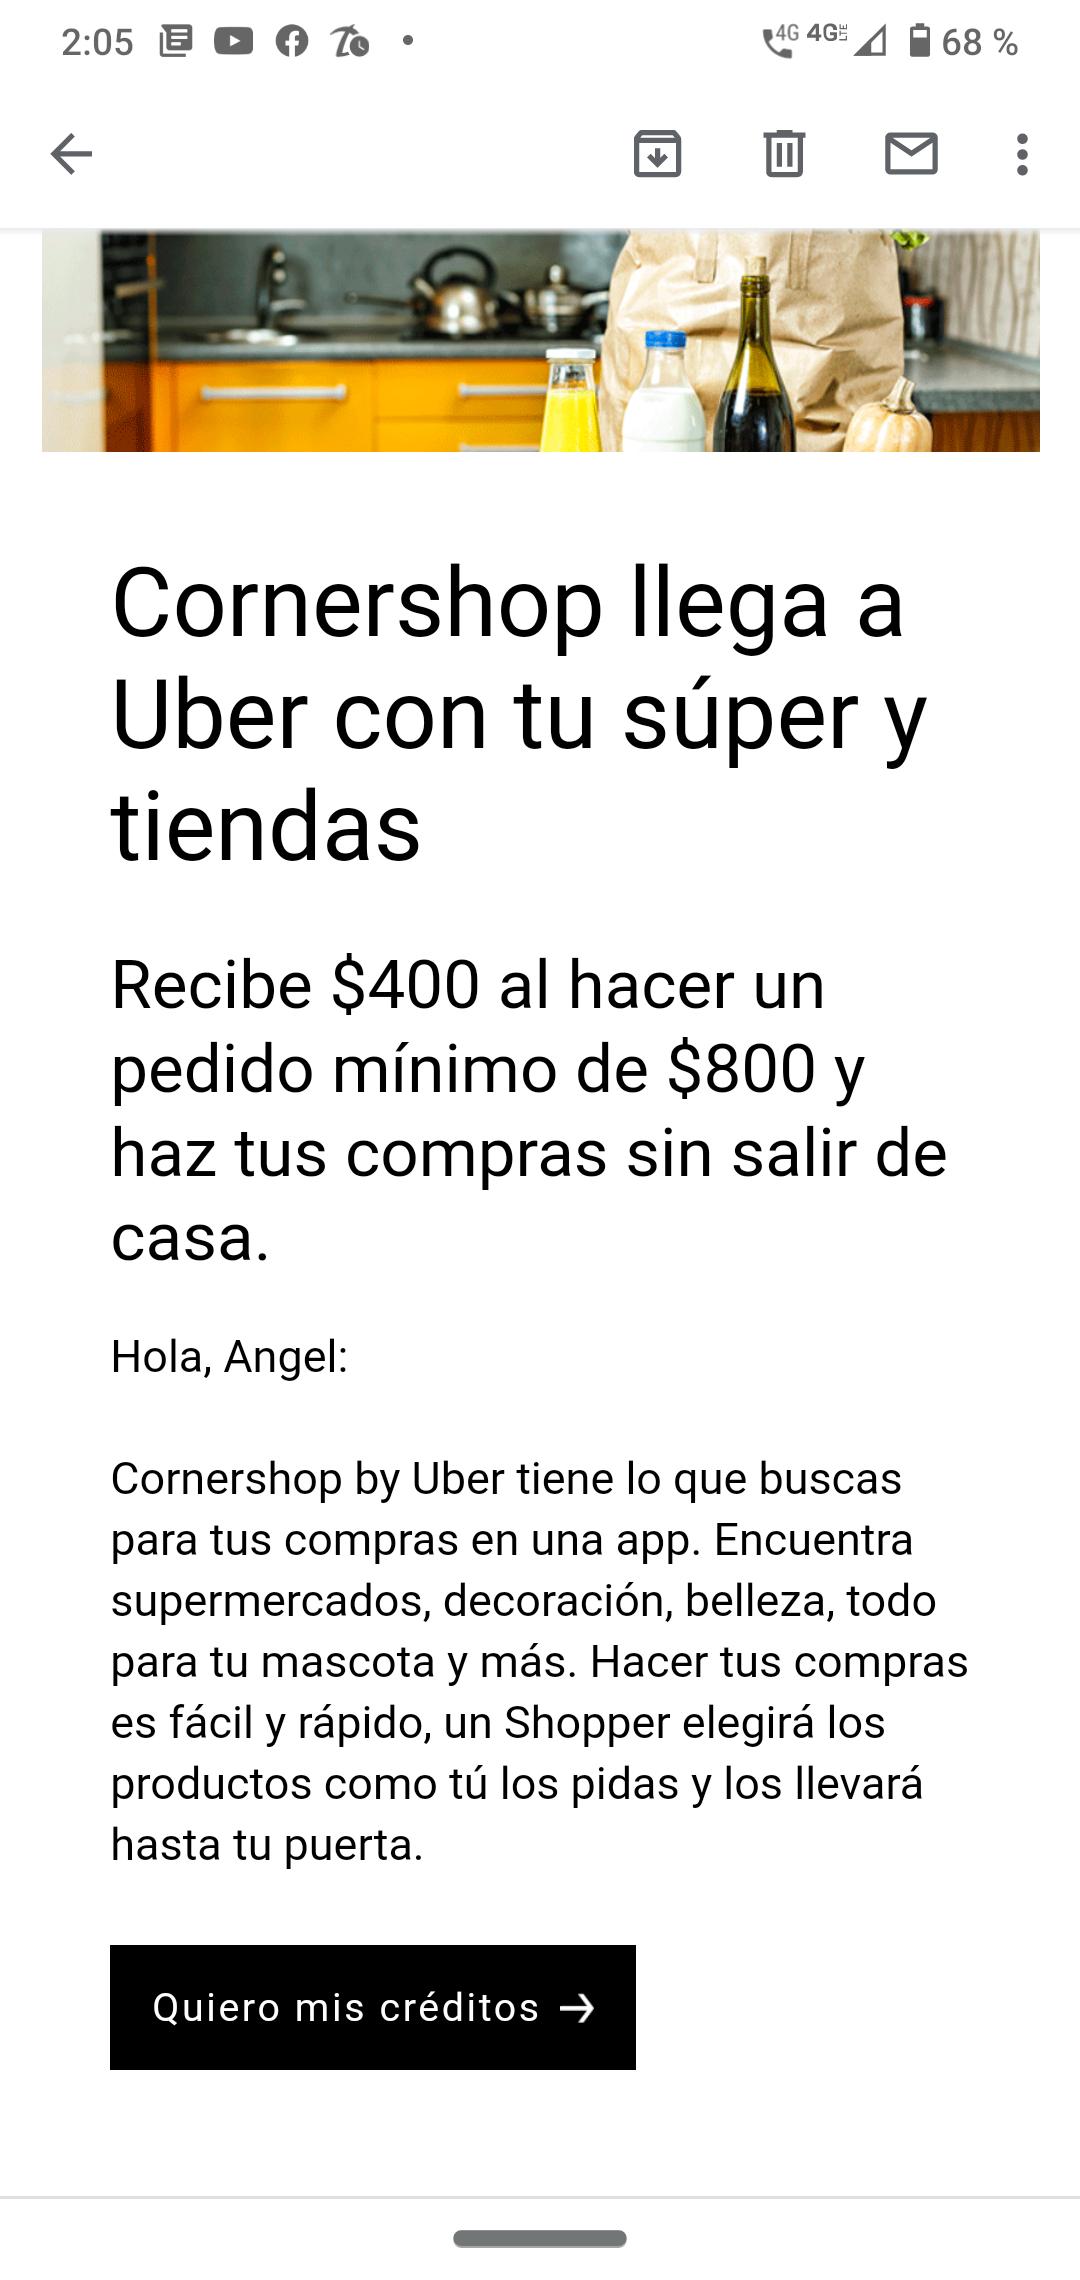 Uber: CornerShop 400 de descuento gastando 800 (Seleccionados)